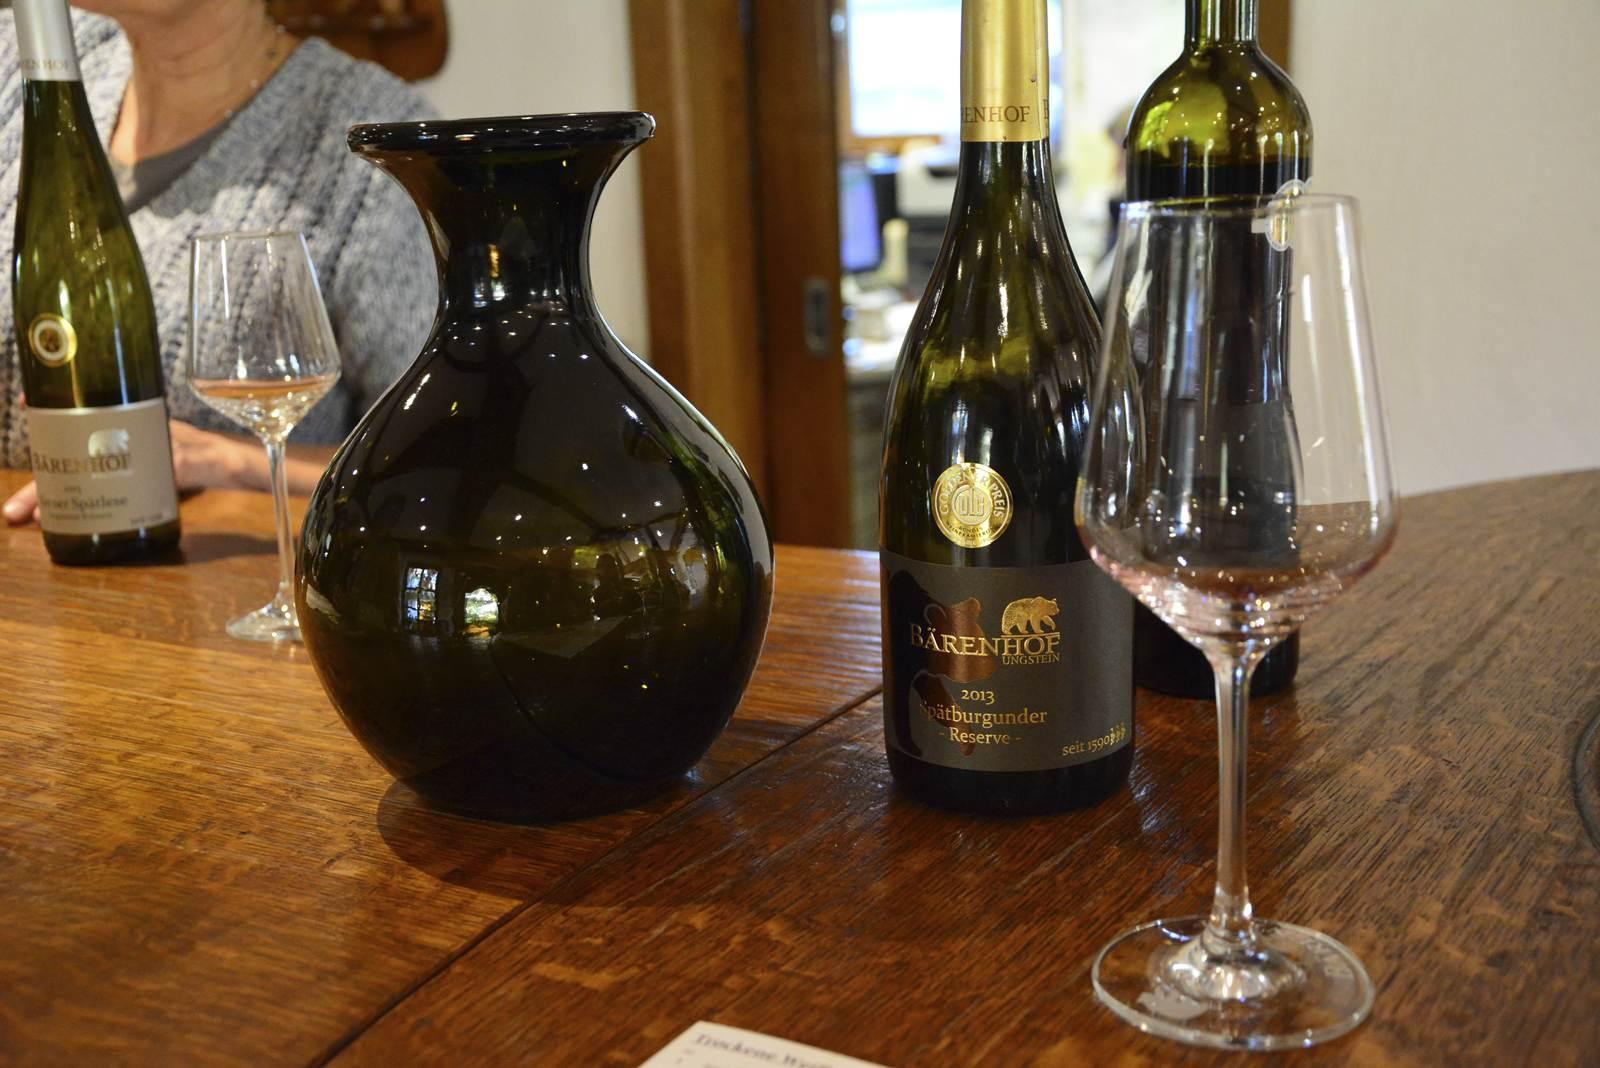 barenhof wino niemieckie winiarnie gdzie winoturystyka w niemczech